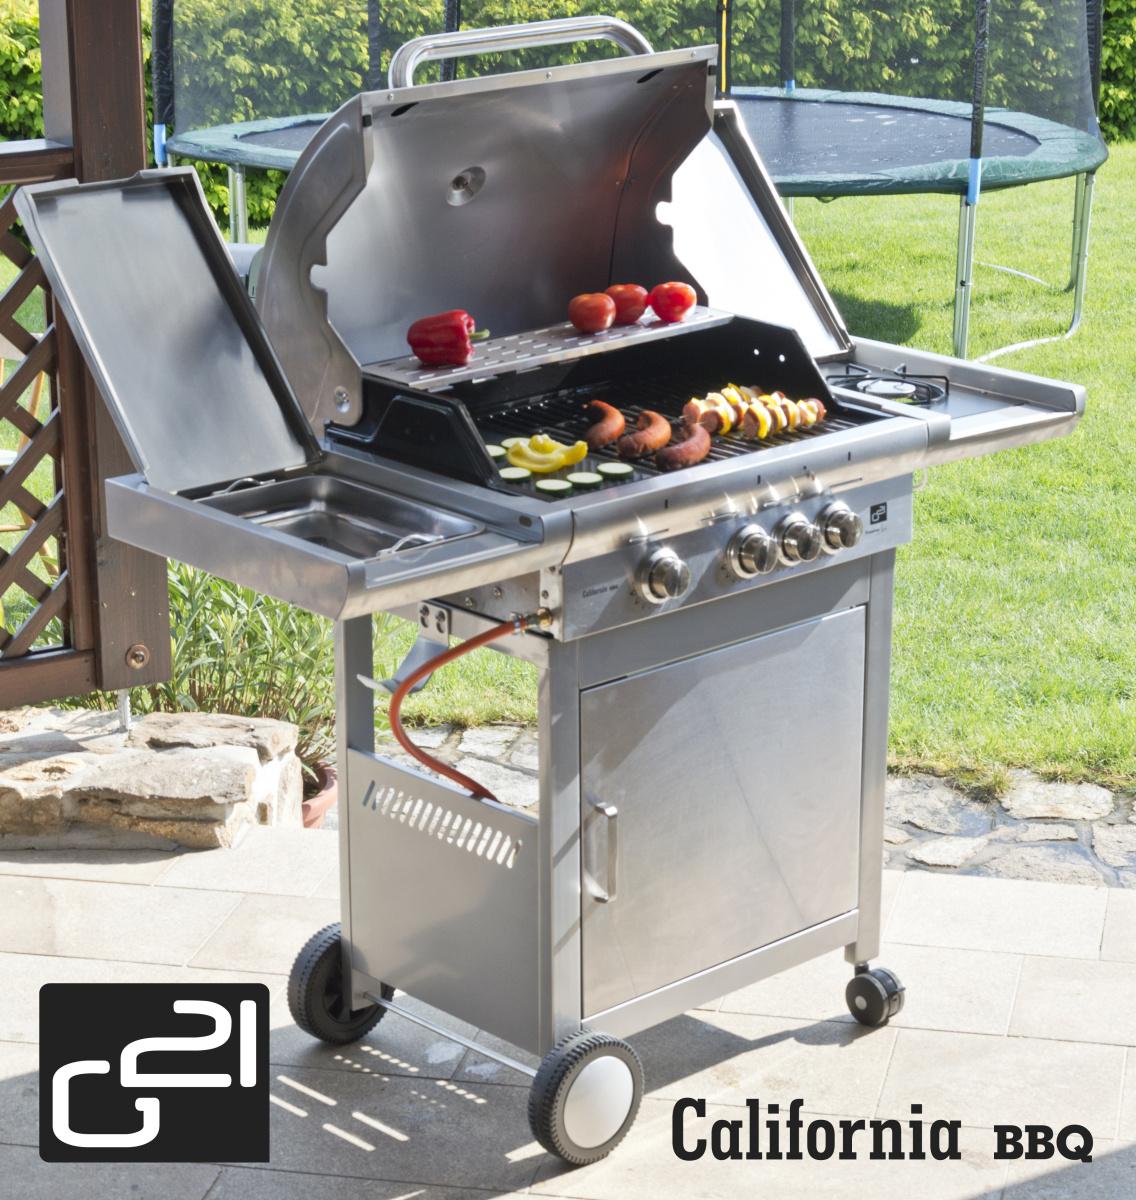 Plynový gril G21 California BBQ Premium line, 4 hořáky + doprava zdarma